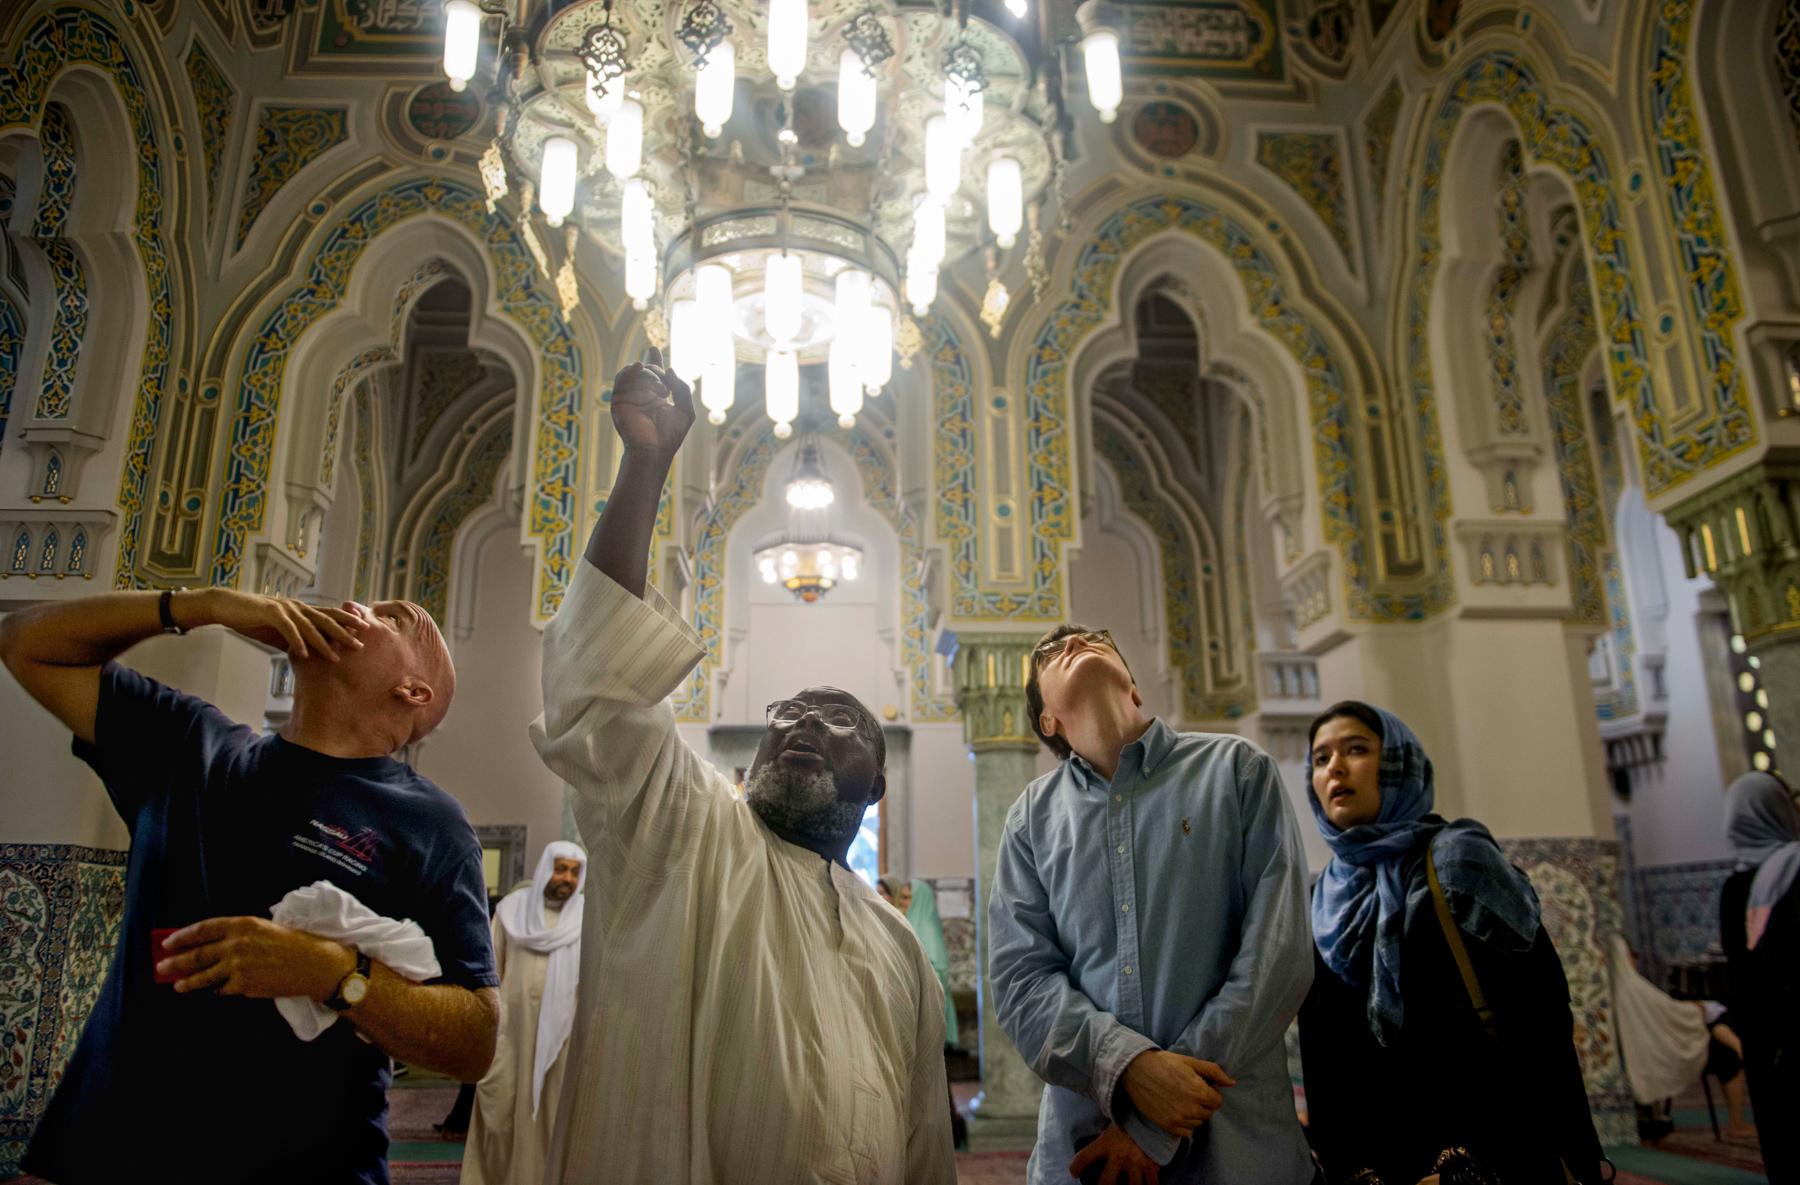 أشخاص يتطلعون لأعلى إلى كتابات على الحائط في المسجد. (© Amanda Voisard for The Washington Post via Getty Images)